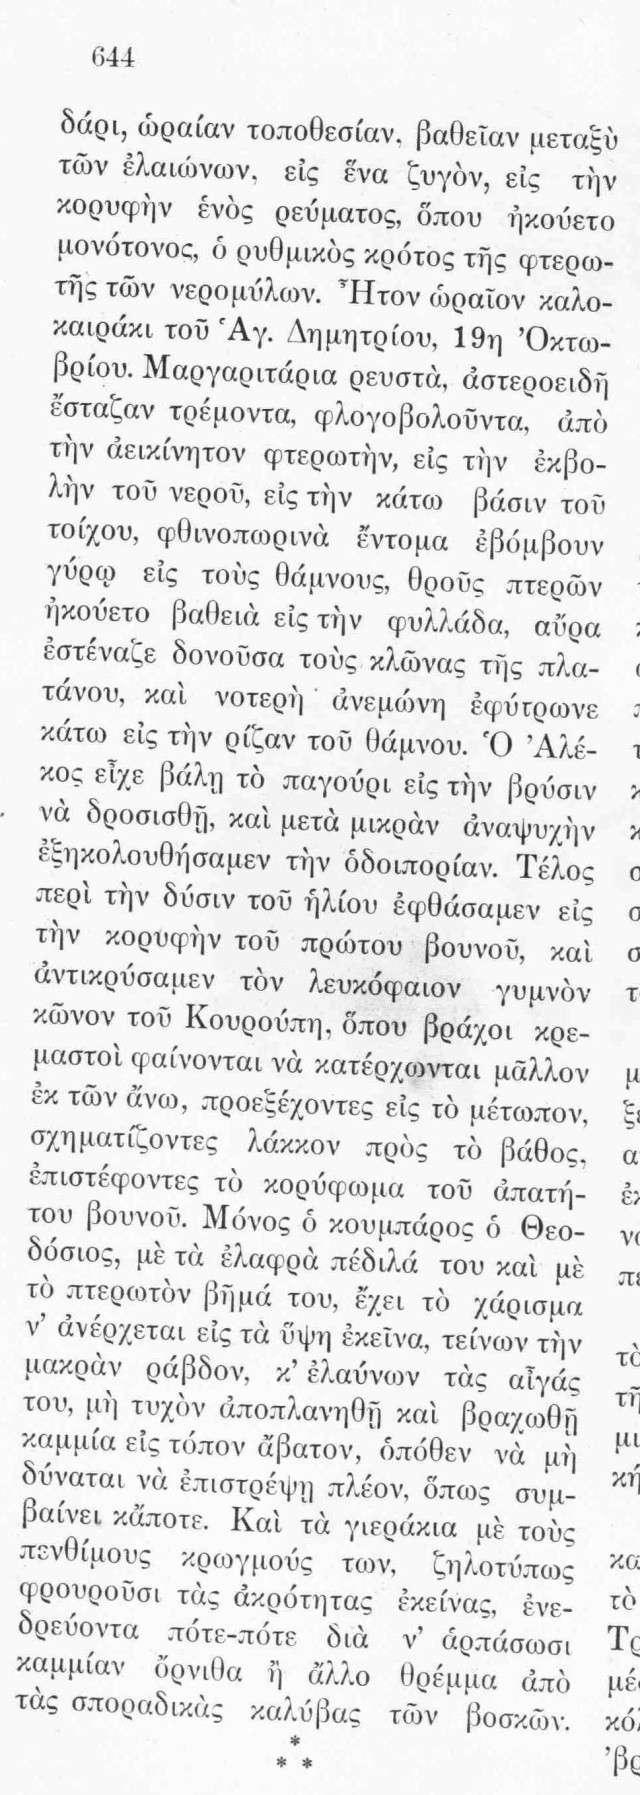 Πασχαλινές διακοπές σημαίνουν Παπαδιαμάντης! (αφιέρωμα σε πασχαλινά διηγήματα του κυρ Αλέξανδρου) Iiiiii42